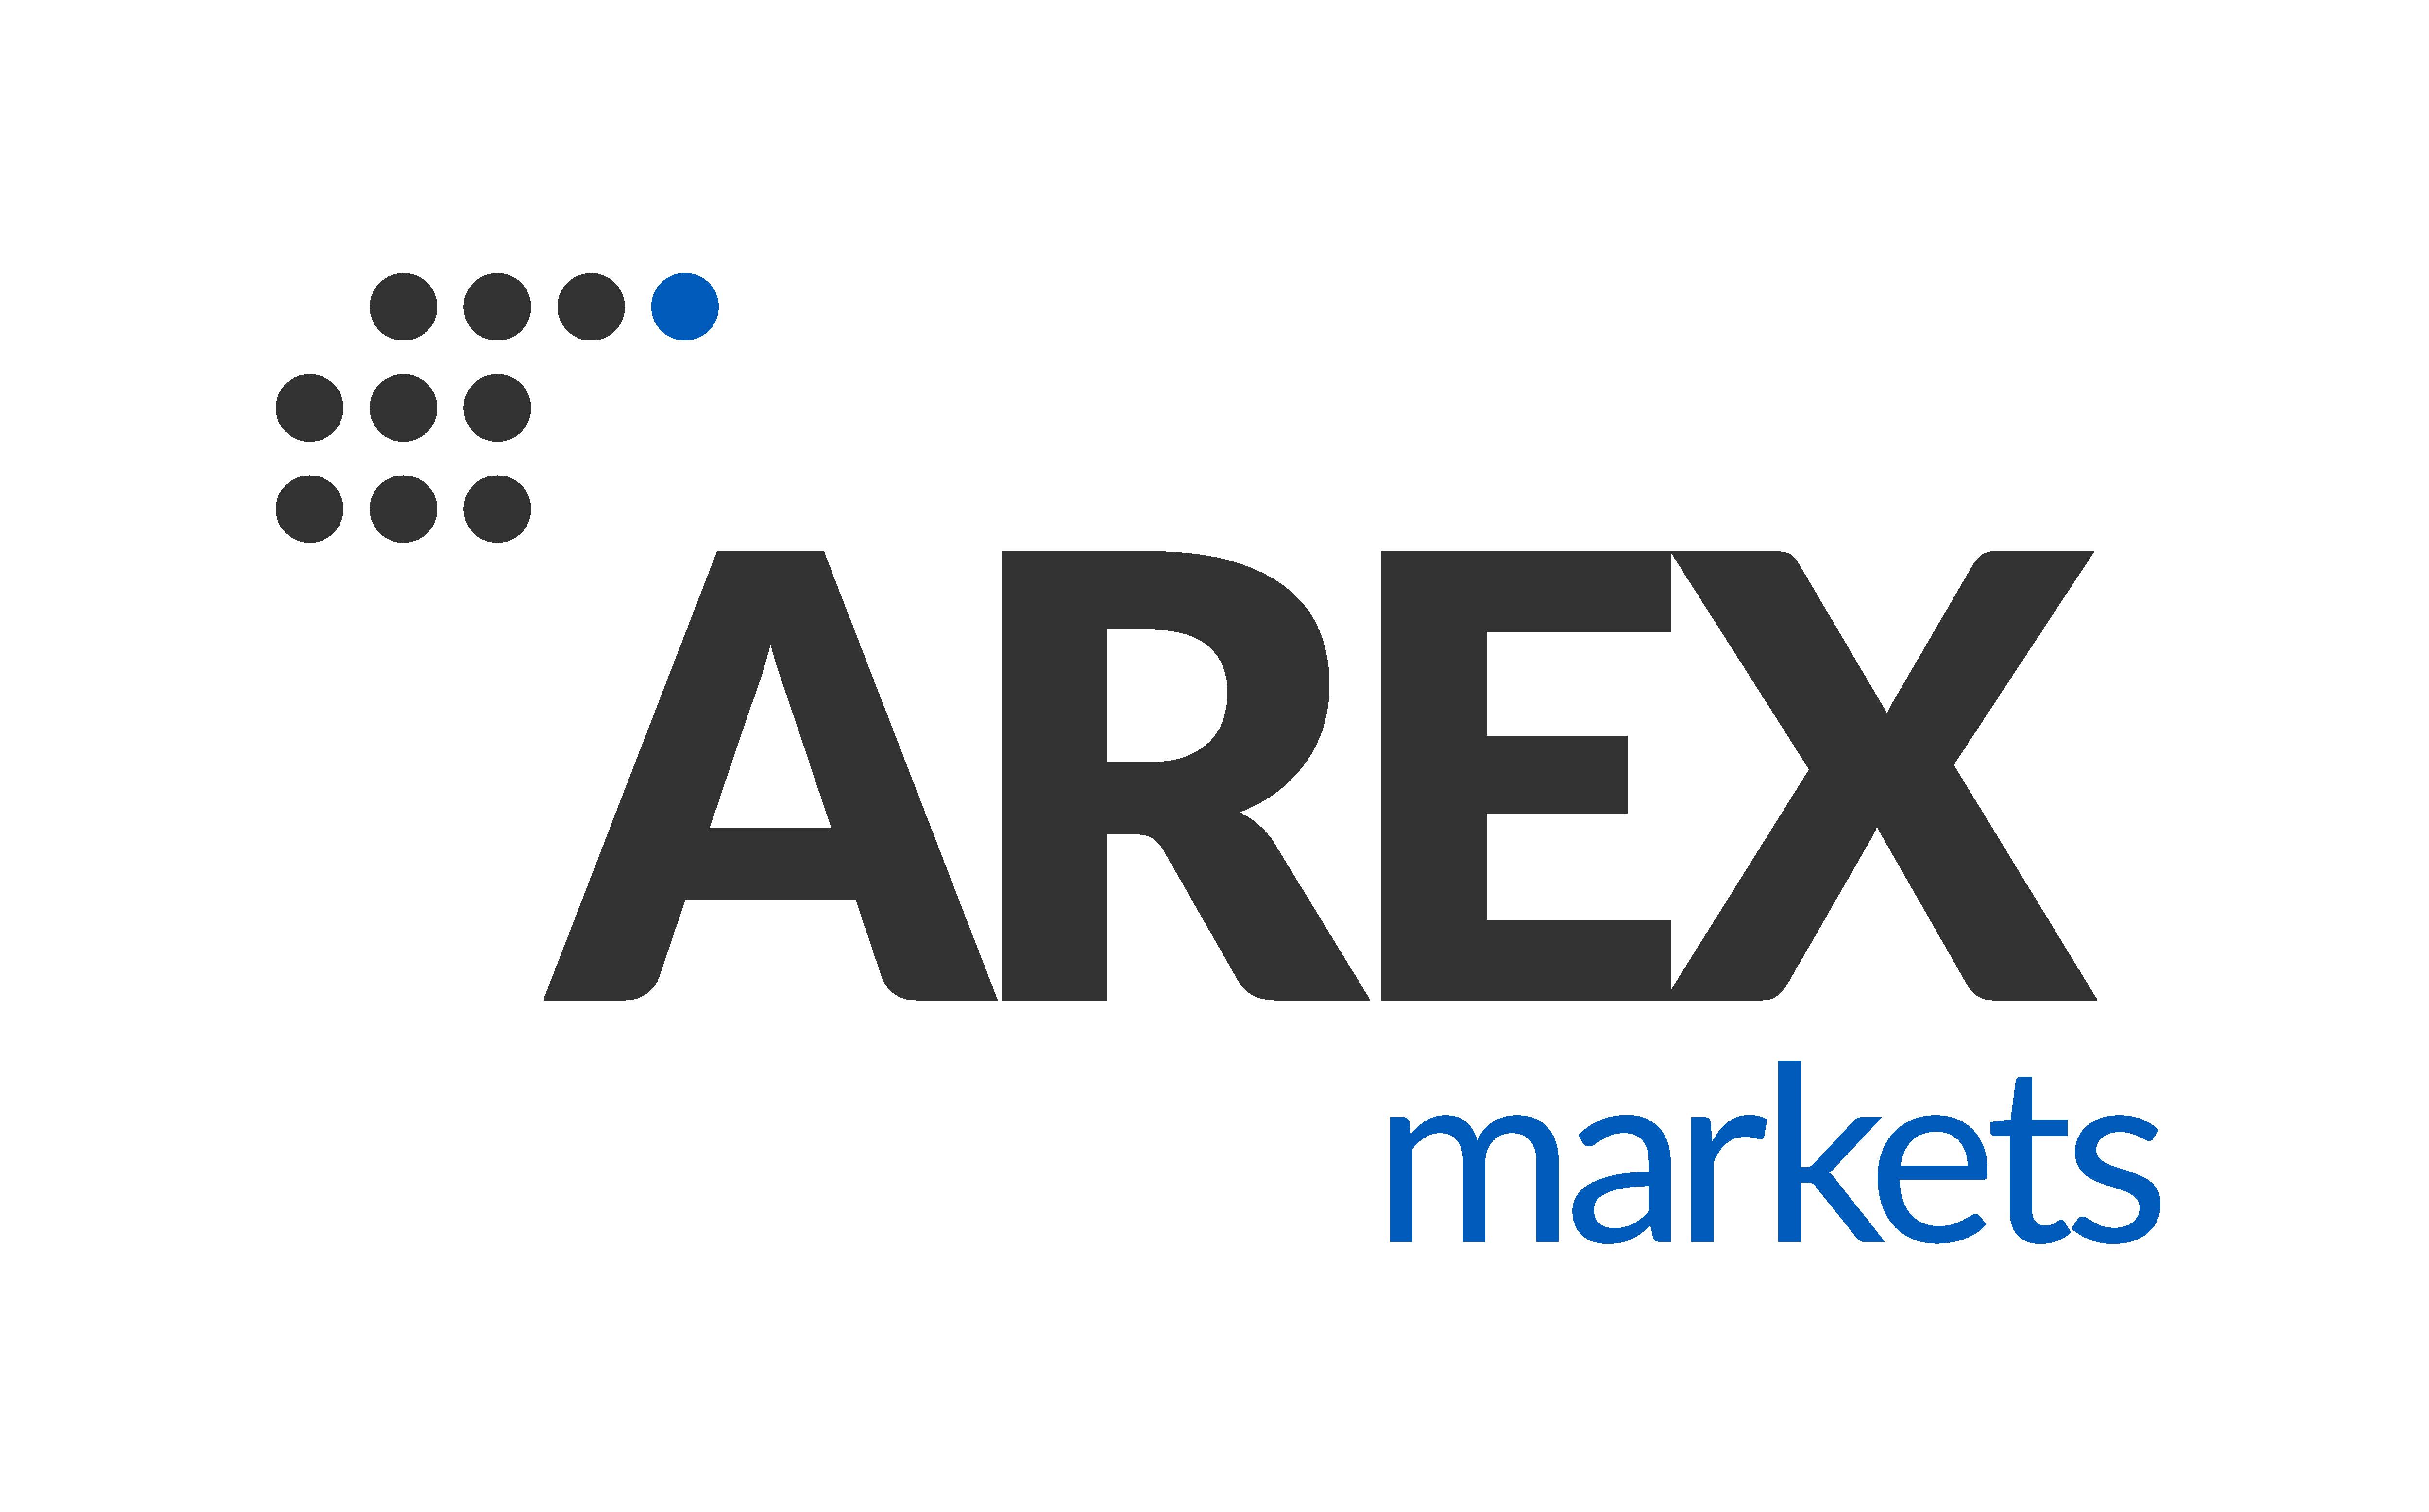 arex logo